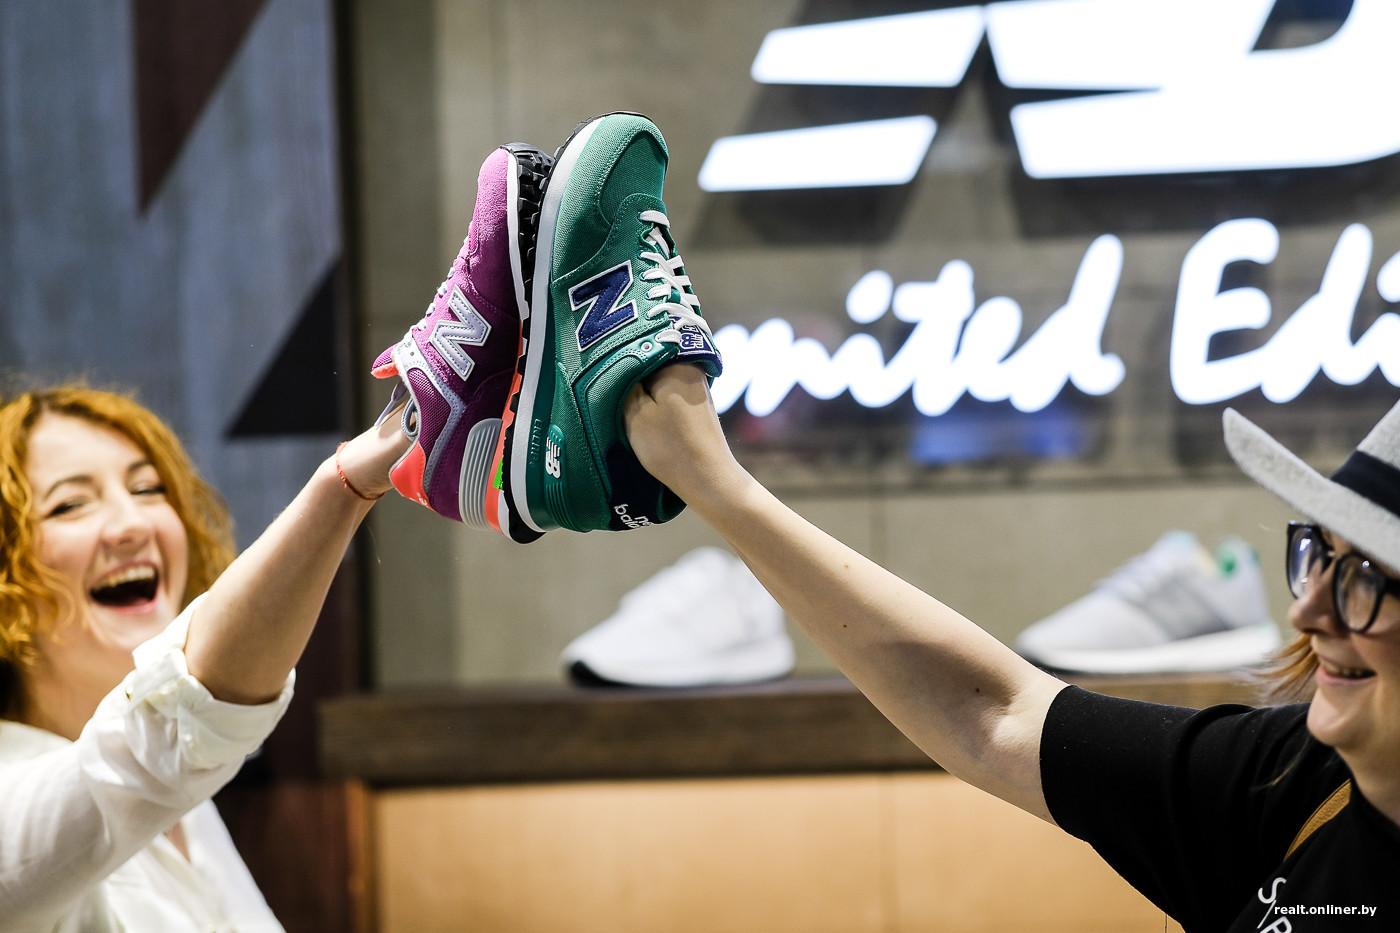 Ассортимент на момент официального открытия насчитывает более 200 моделей.  Это преимущественно кроссовки для повседневной носки, которые можно  сочетать с ... 95c7c22fec7